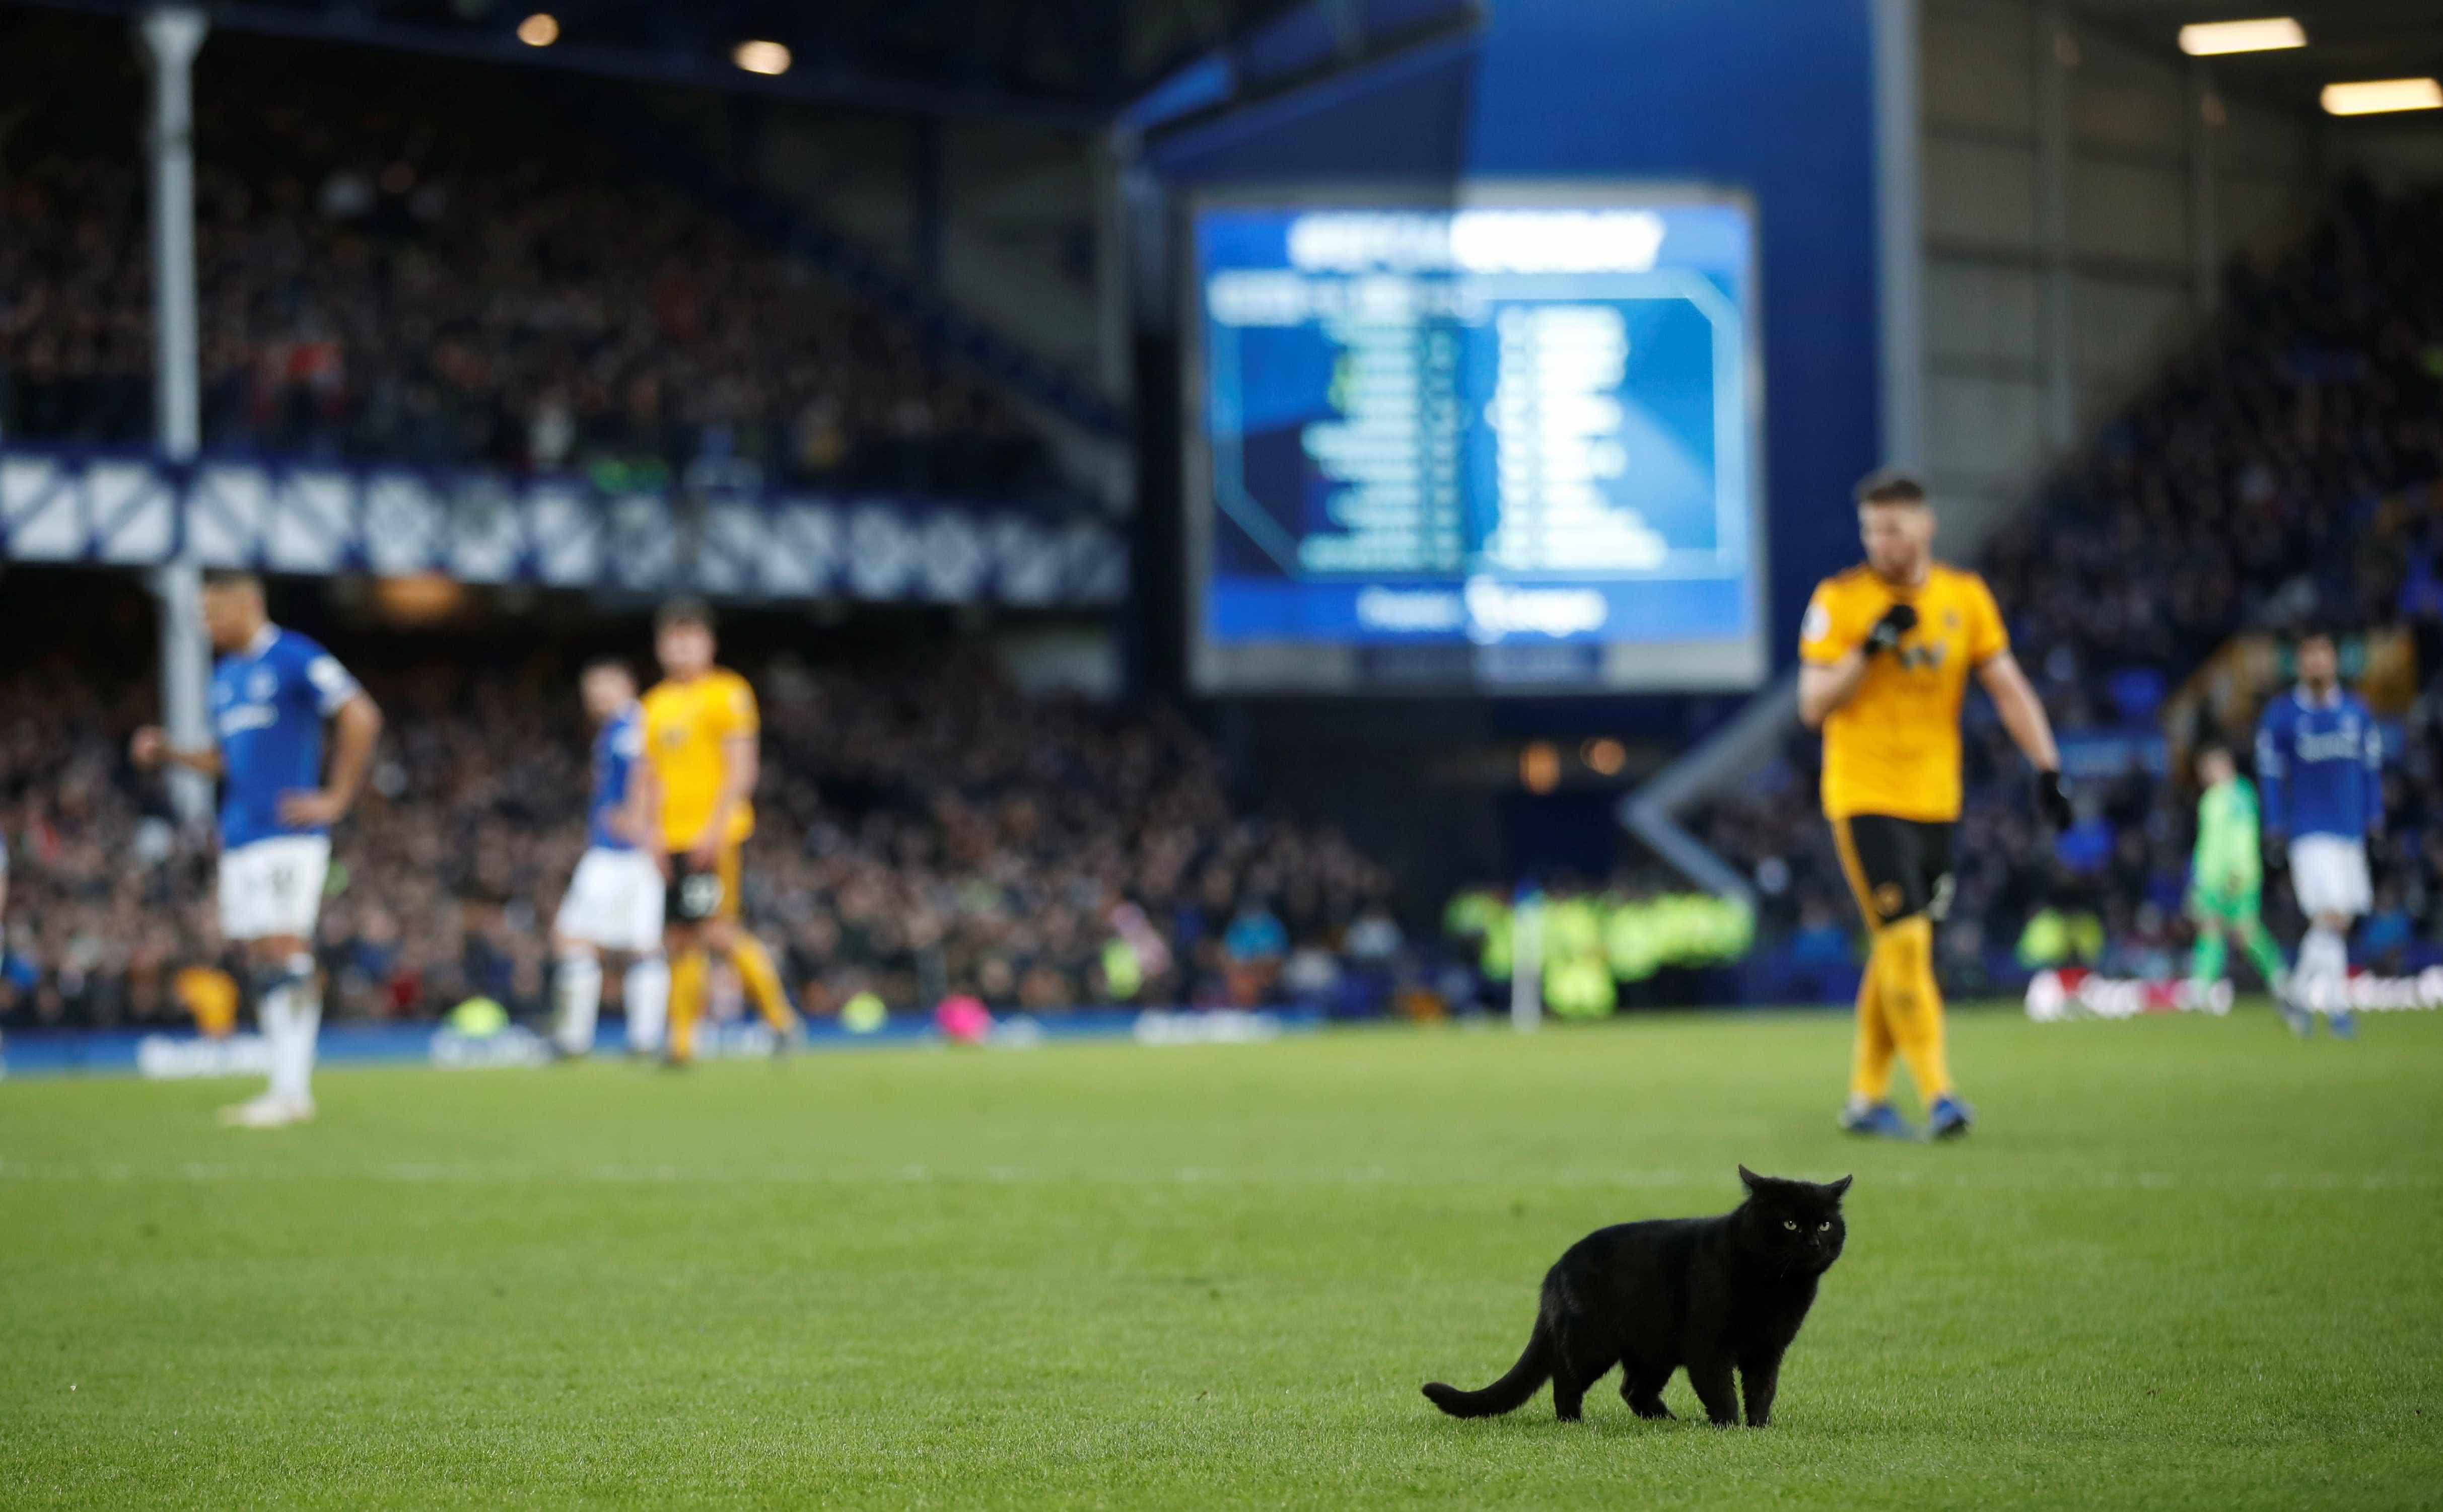 Gato invade gramado e interrompe jogo da Premier League; veja